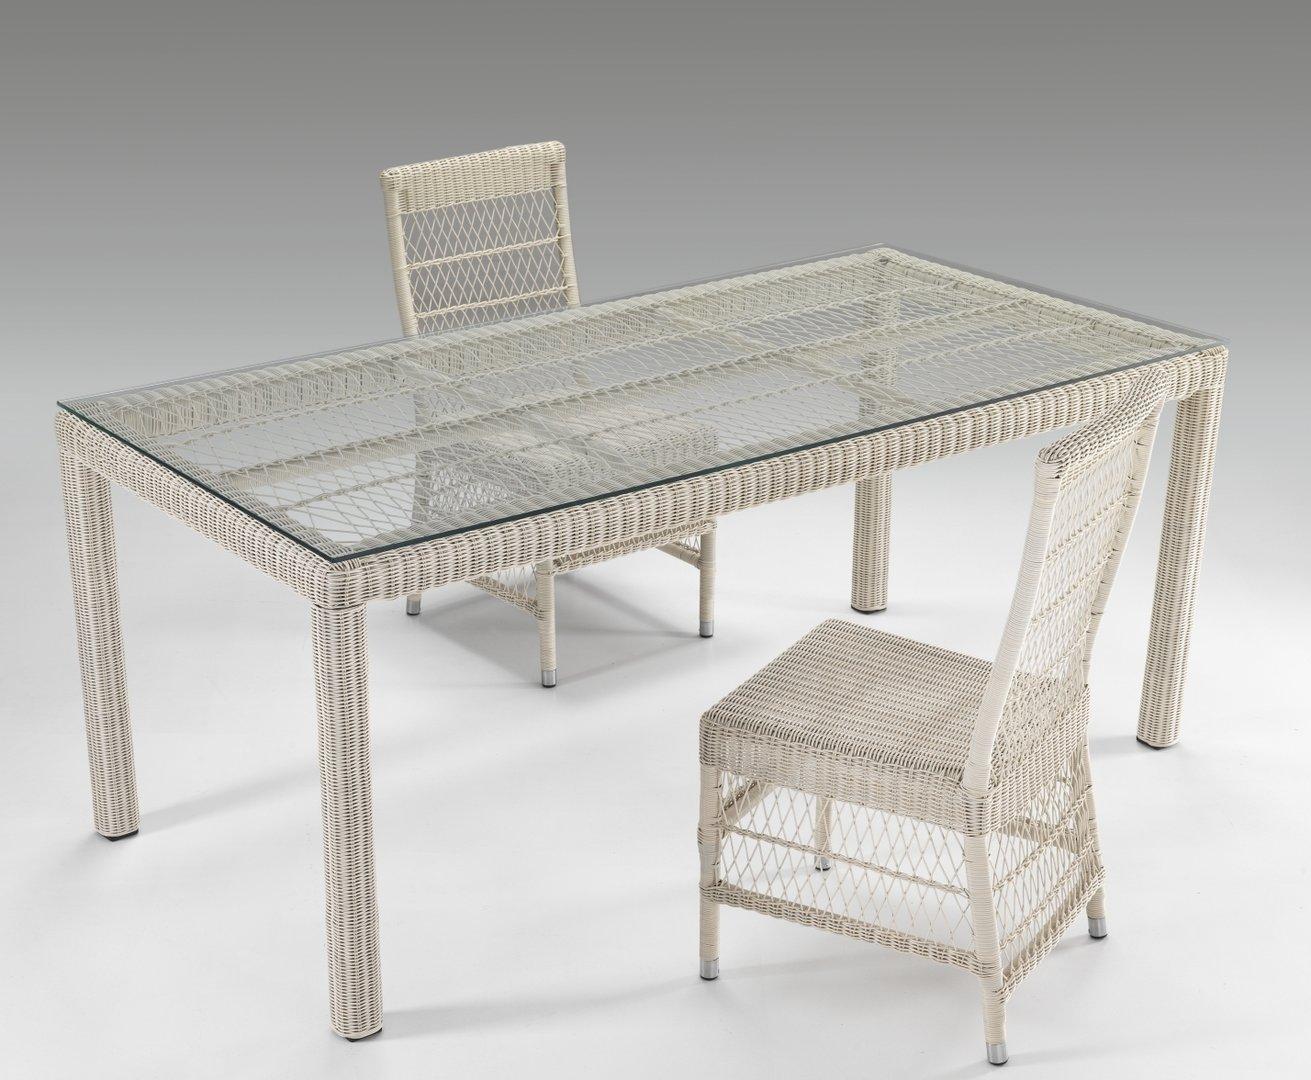 Tavolo rettangolare con vetro - Tavolo da giardino rattan ...